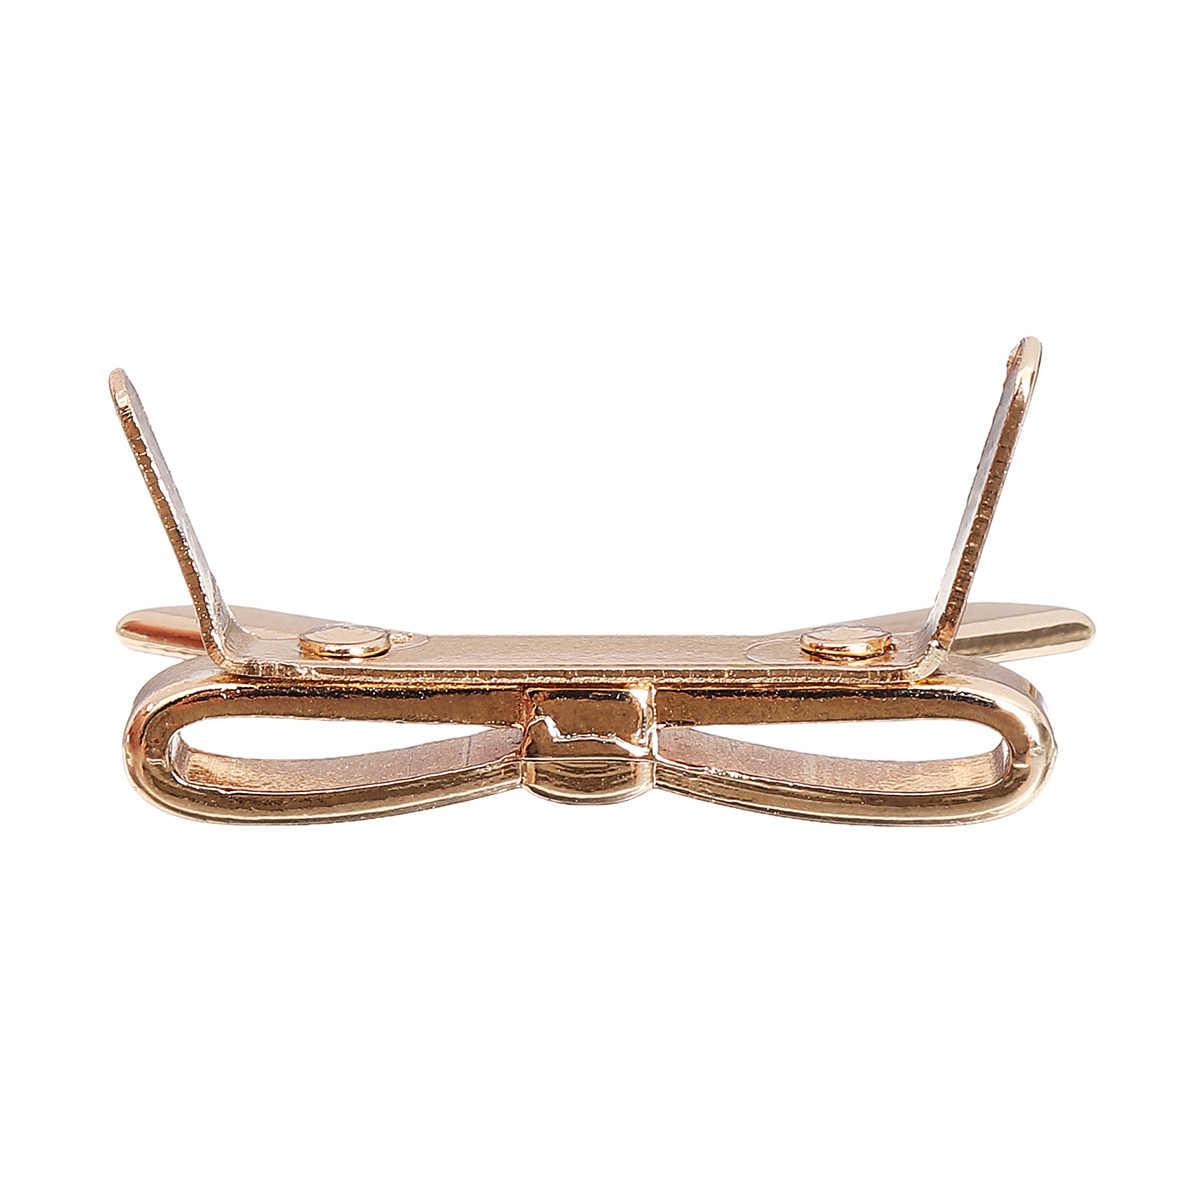 Aequeen لطيف bowknot سبائك الديكور حقيبة يد حقيبة الملحقات أجزاء الأزياء القوس ديي أجزاء جميل محفظة زر الذهب المعادن